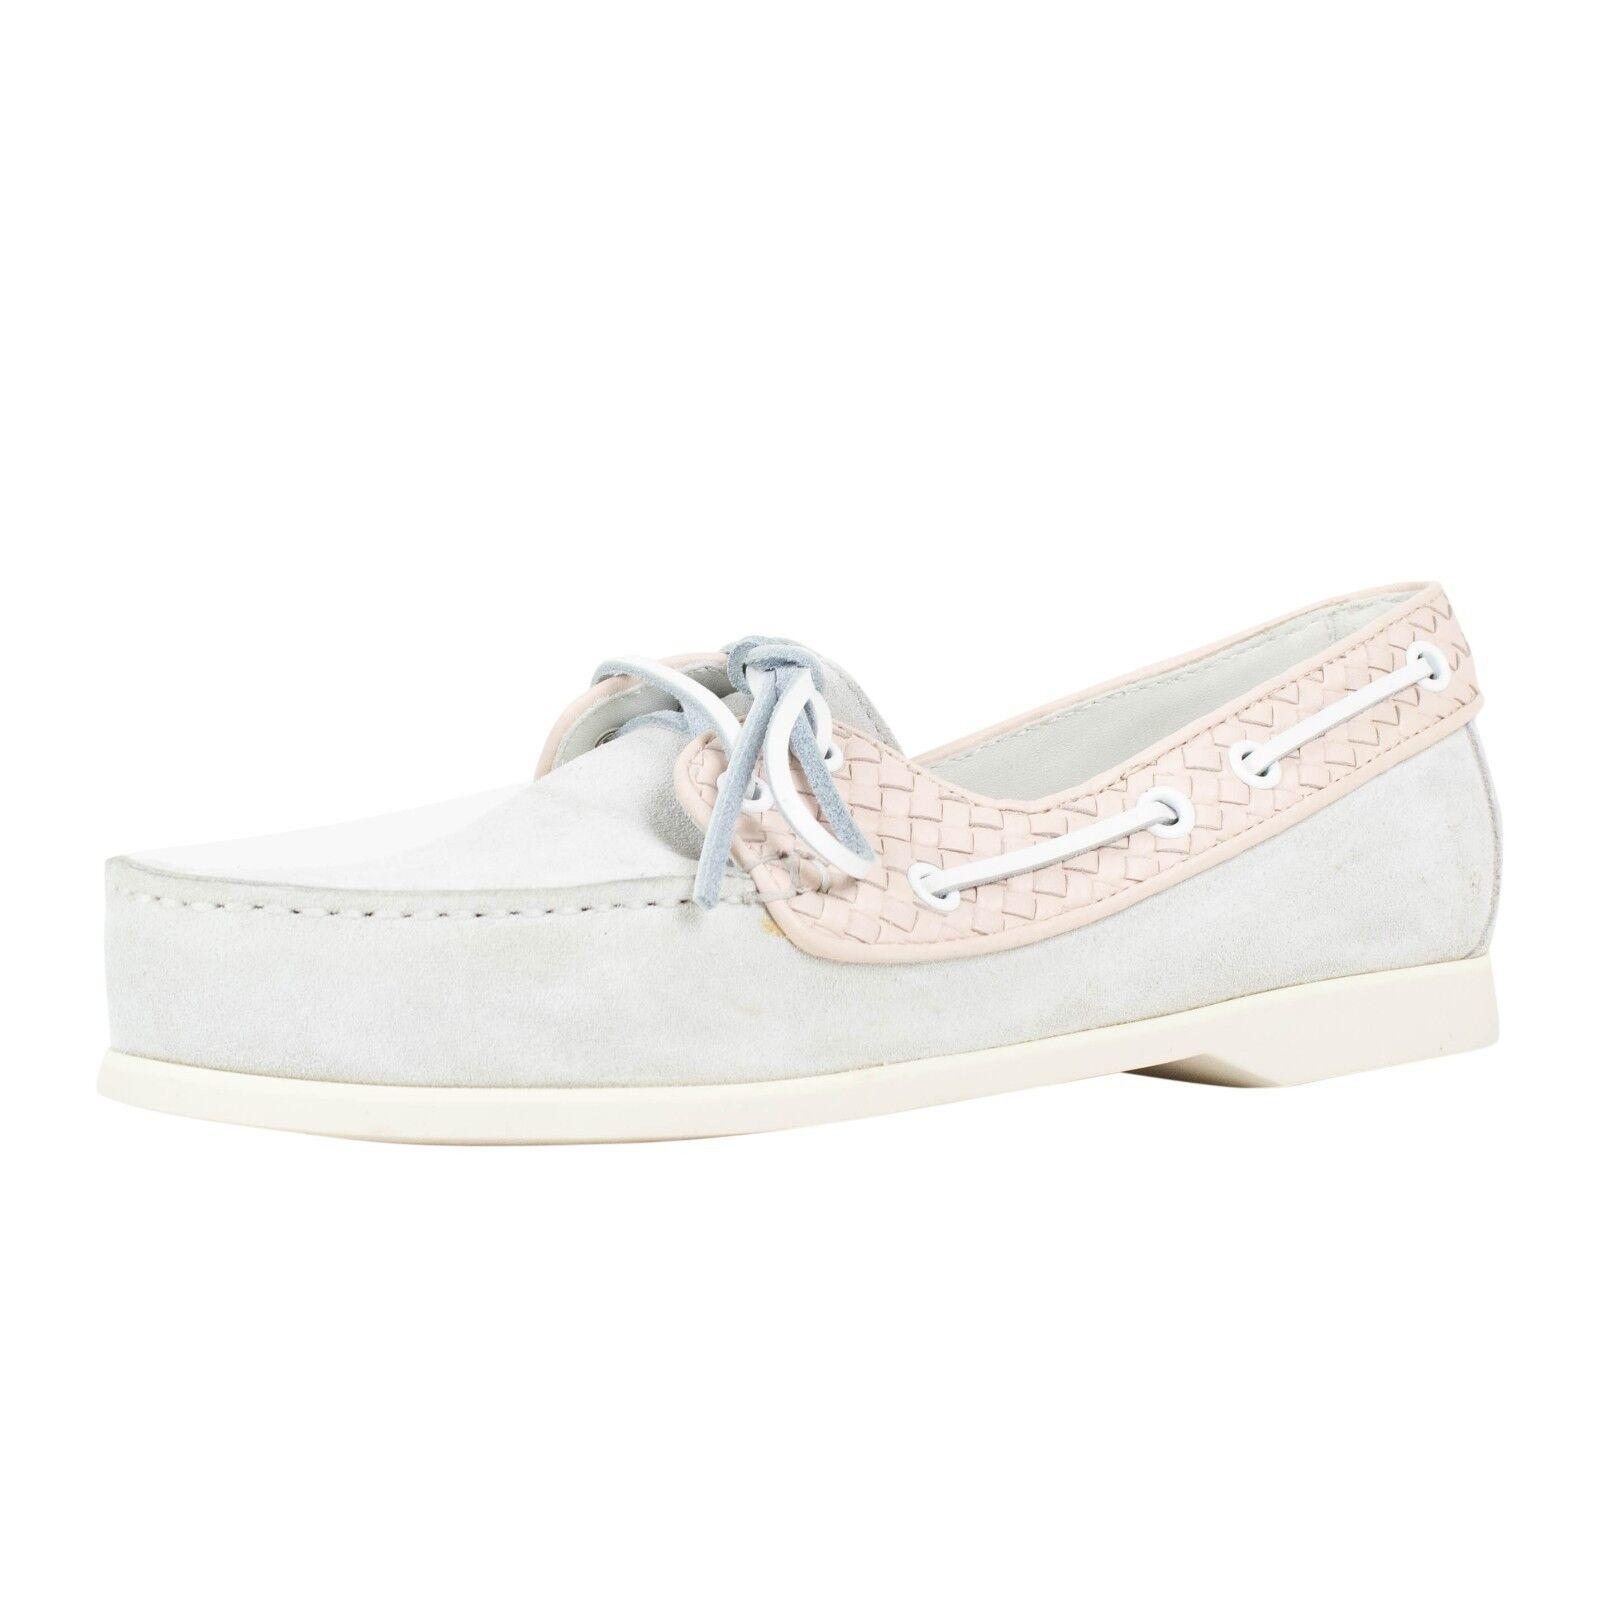 Nuevo En Caja Bottega Veneta pálido Niebla Gamuza Zapatos Náuticos Náuticos Náuticos 9 39  595  ventas en línea de venta